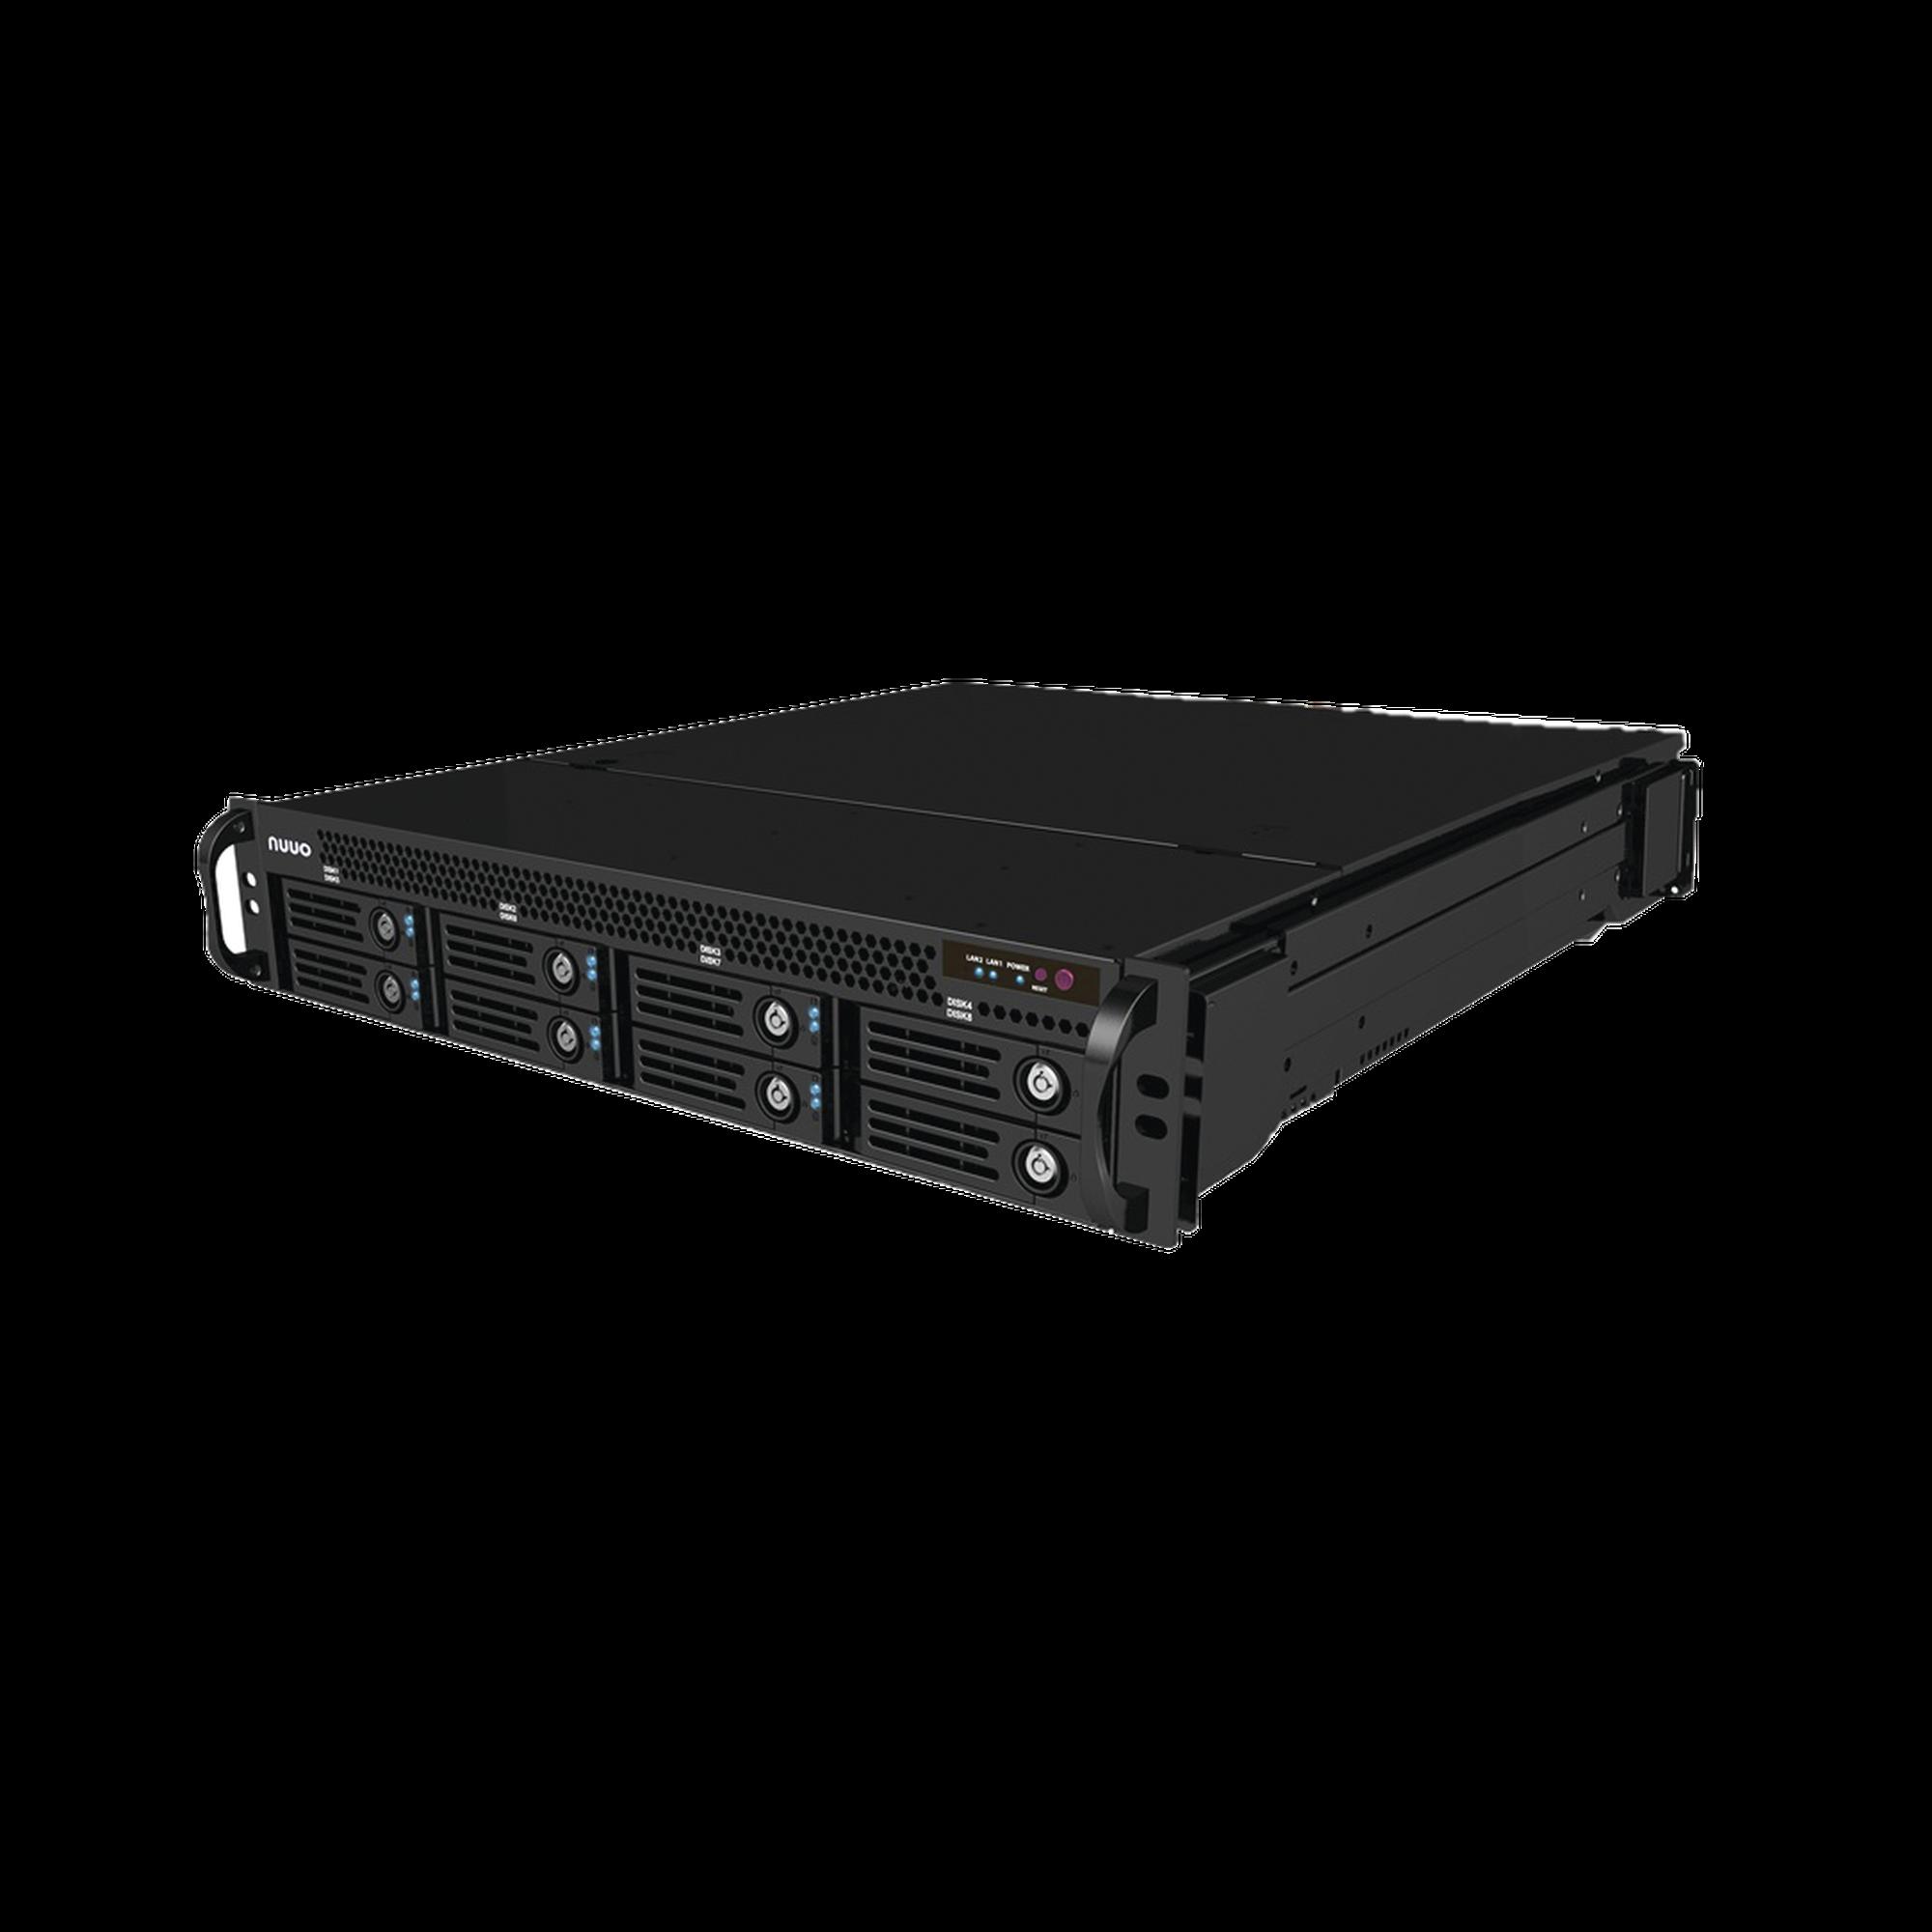 NVR Mainconsole hasta 64 canales, 8 bahías, incluye 25 licencias